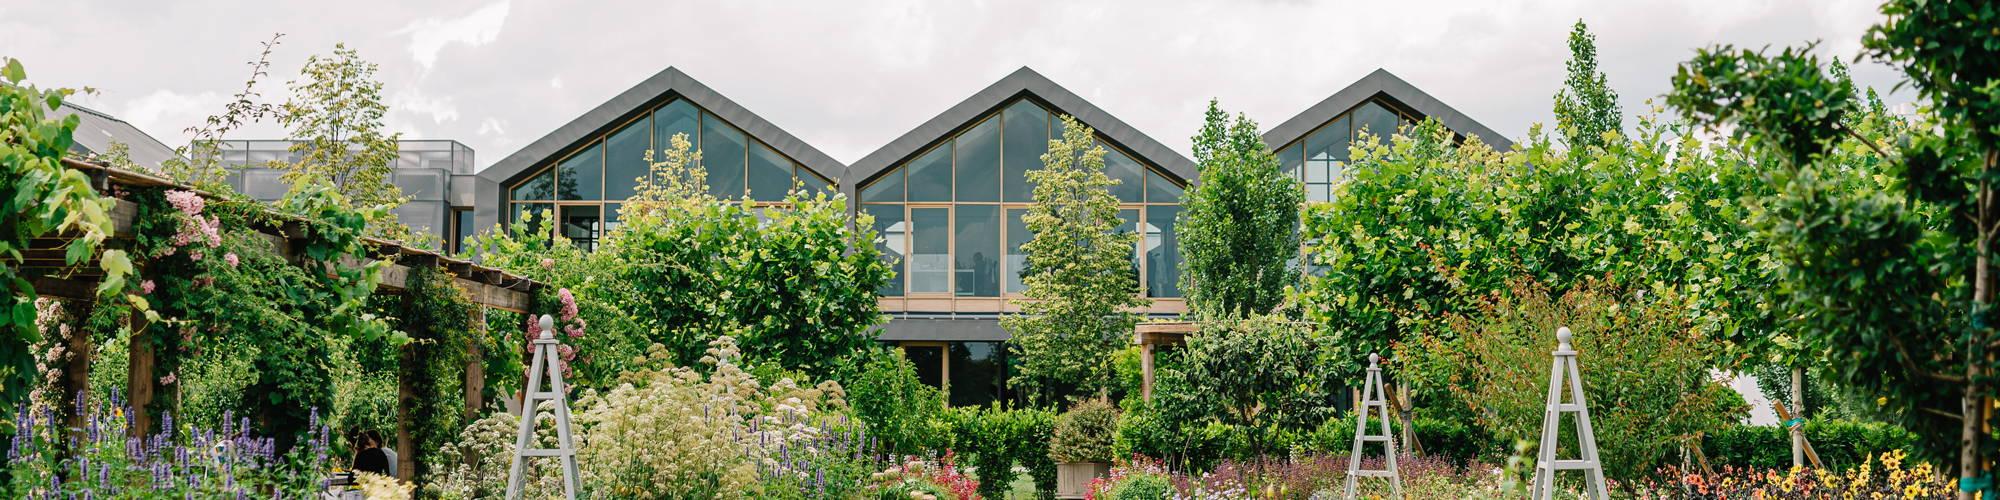 image of the Davines Village garden